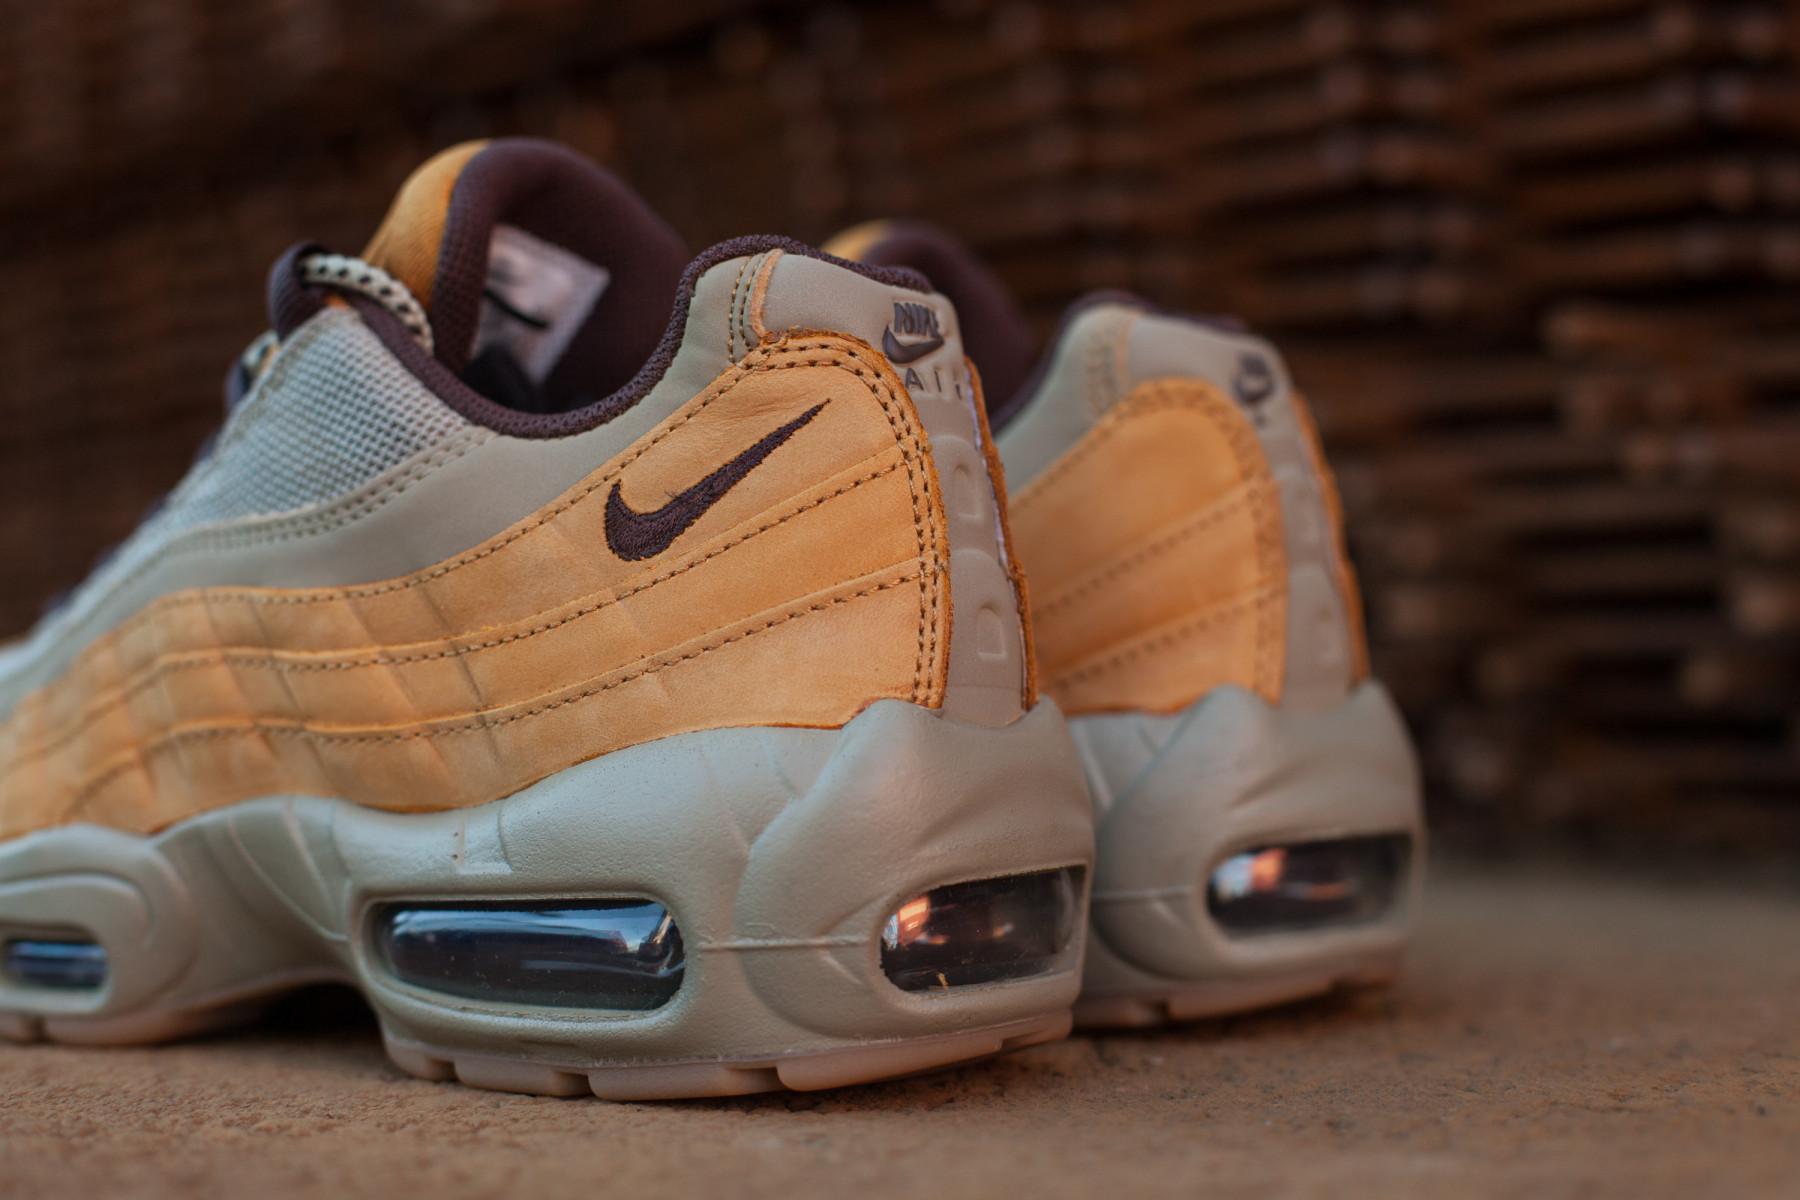 Wmns Nike Air Max 95 Winter Prm Sneaker.no